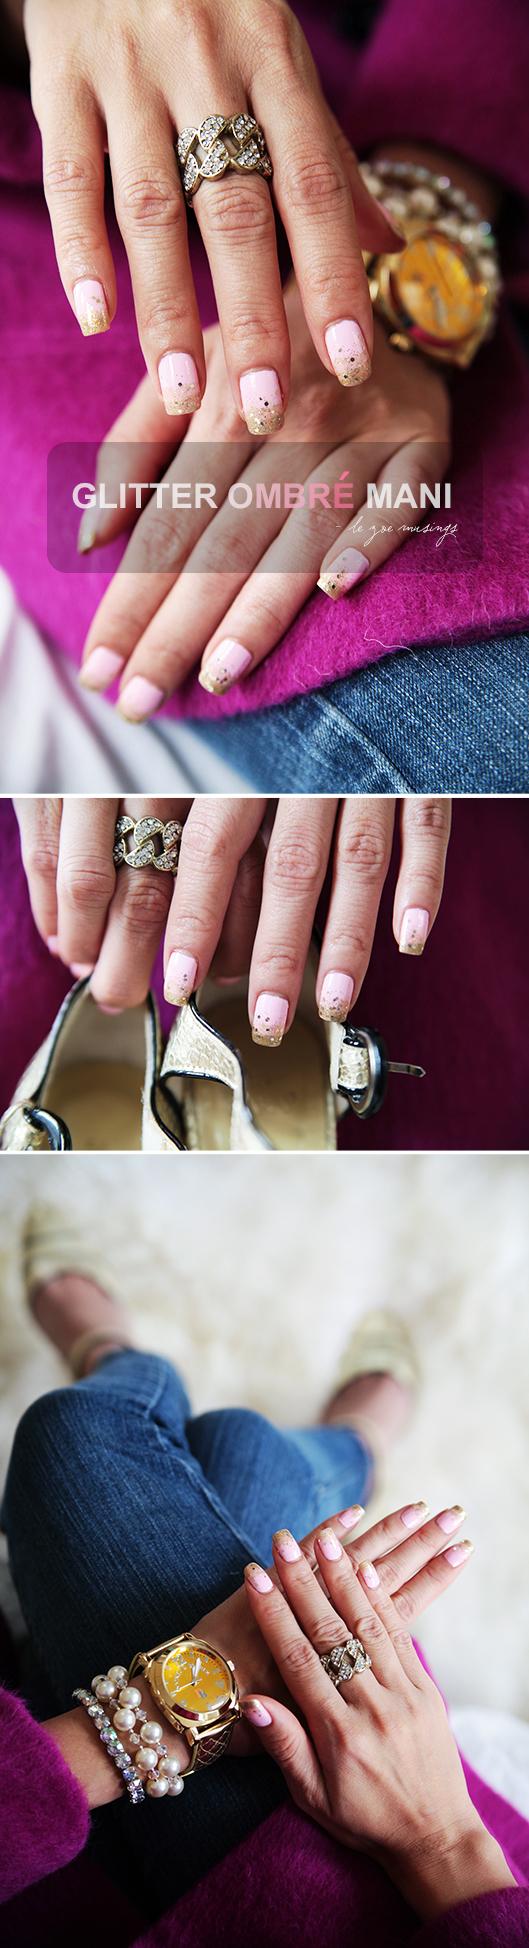 Glitter Ombre Mani by Le Zoe Musings 2